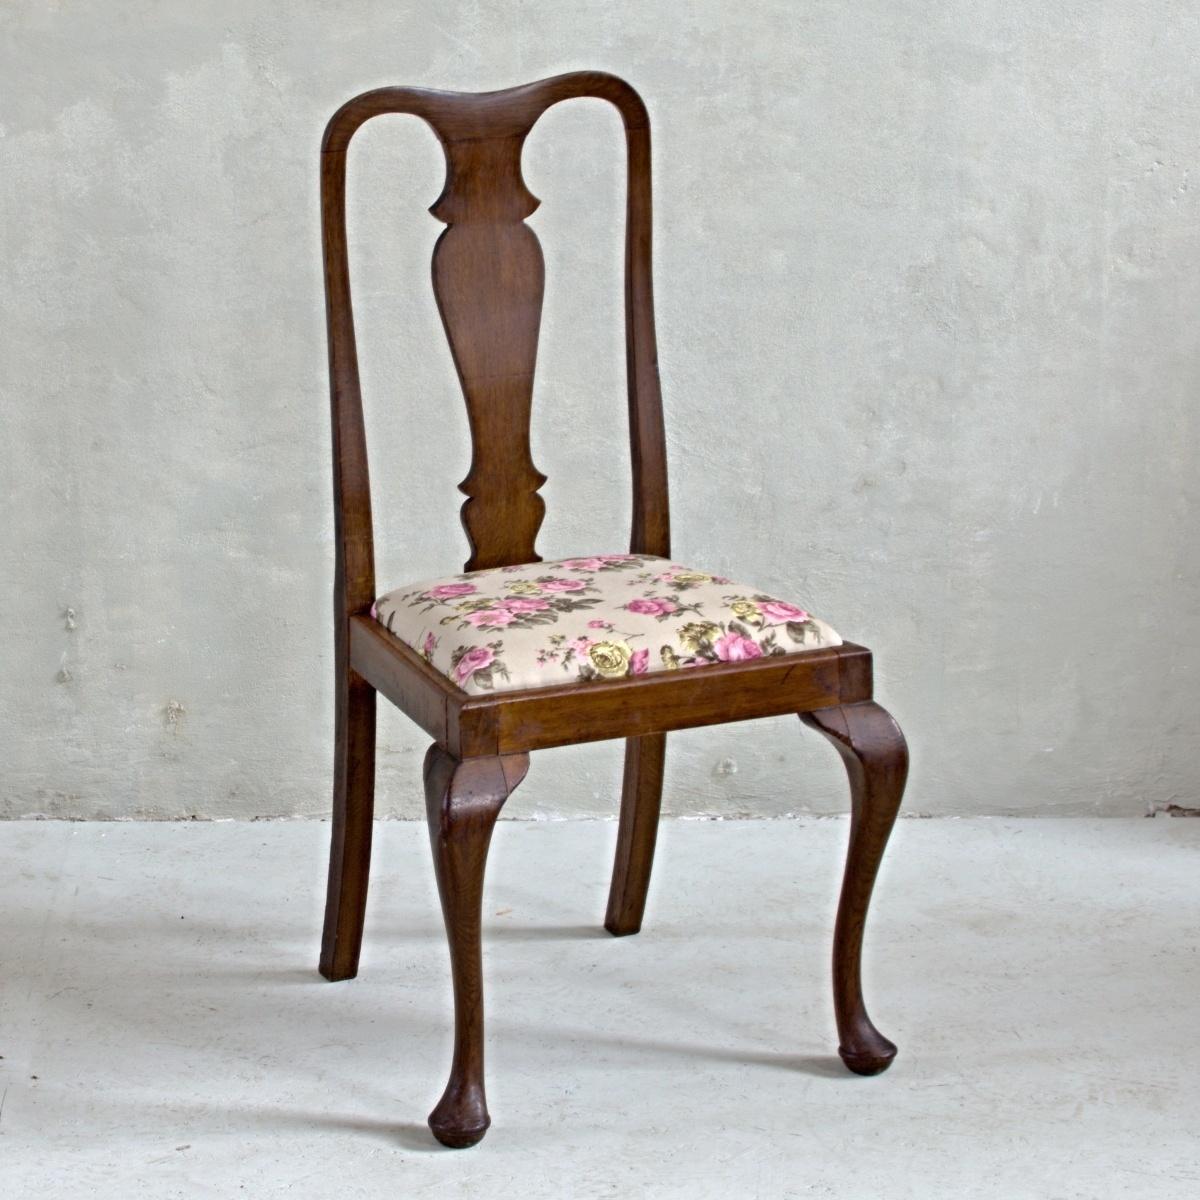 Tmavě hnědá židle s květinovým sedákem dovezená z Anglie. Povrch i sedák po celkové renovaci.